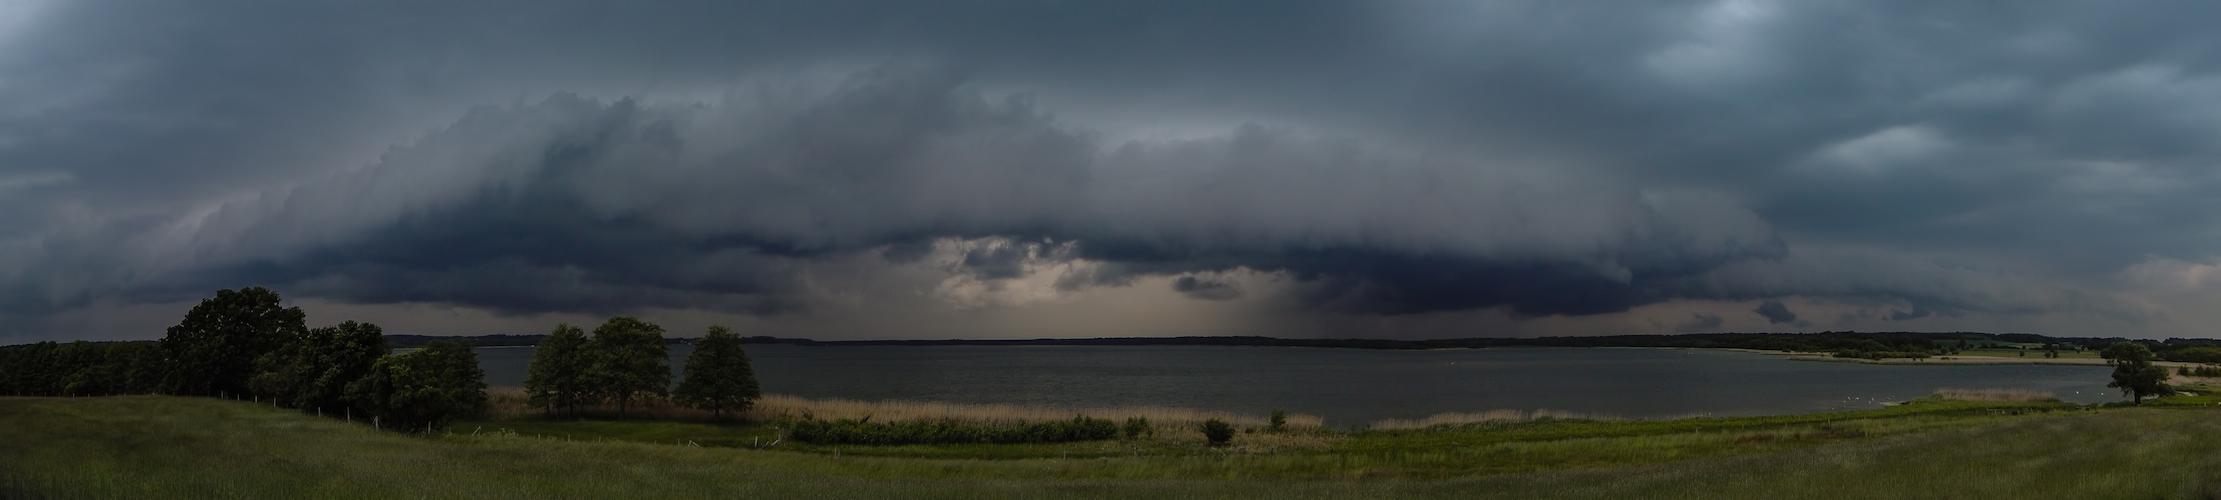 Gewitterstimmung über dem Grimnitzsee ...